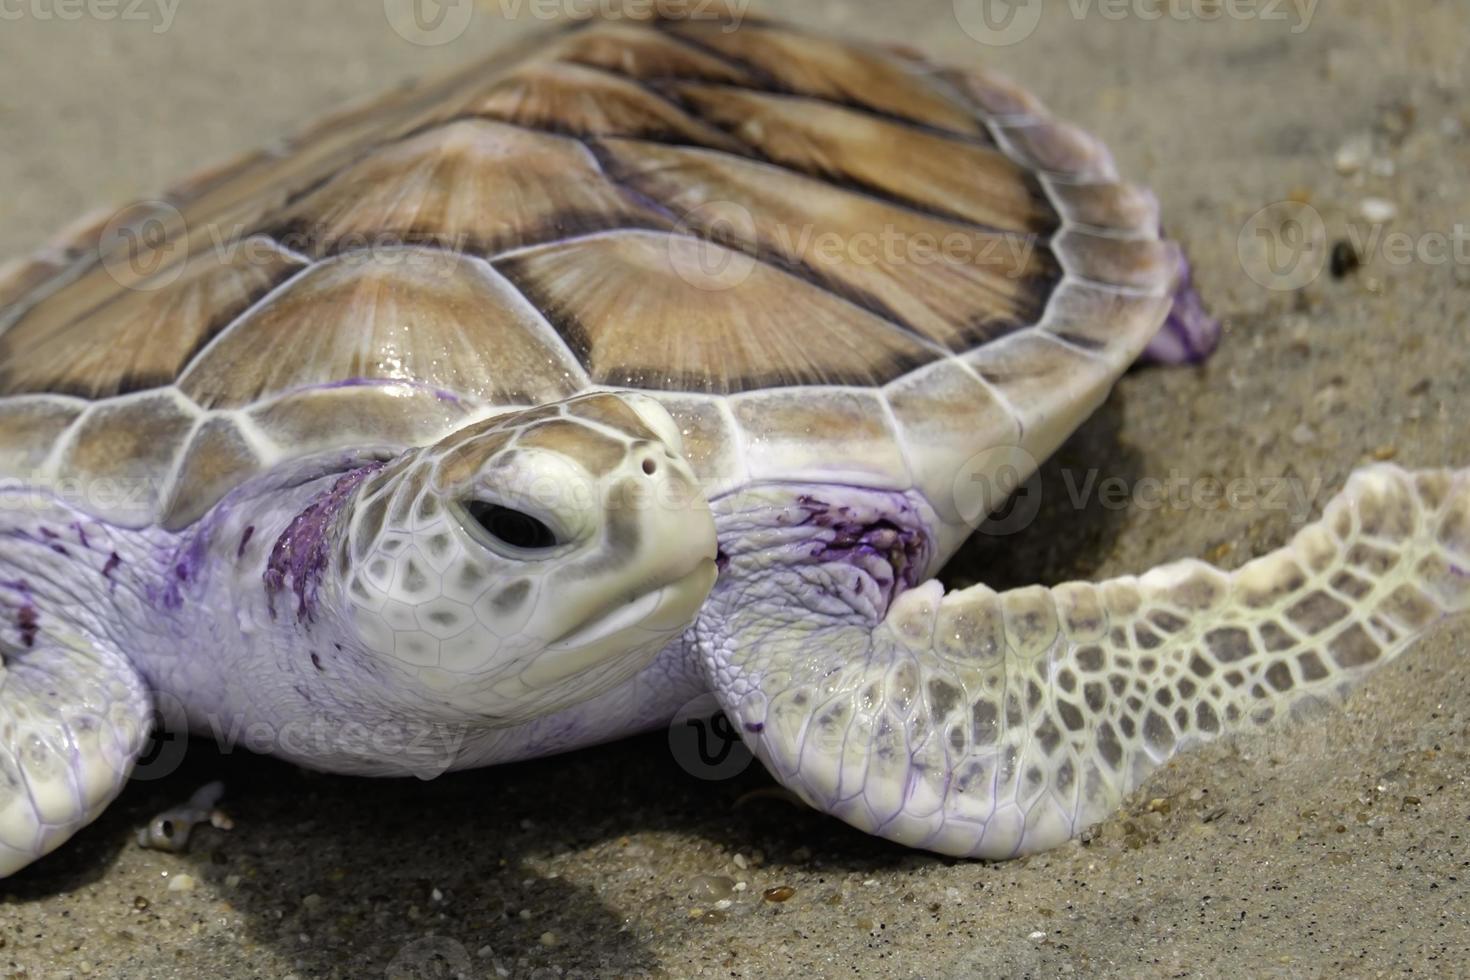 tartaruga verde, tailândia foto